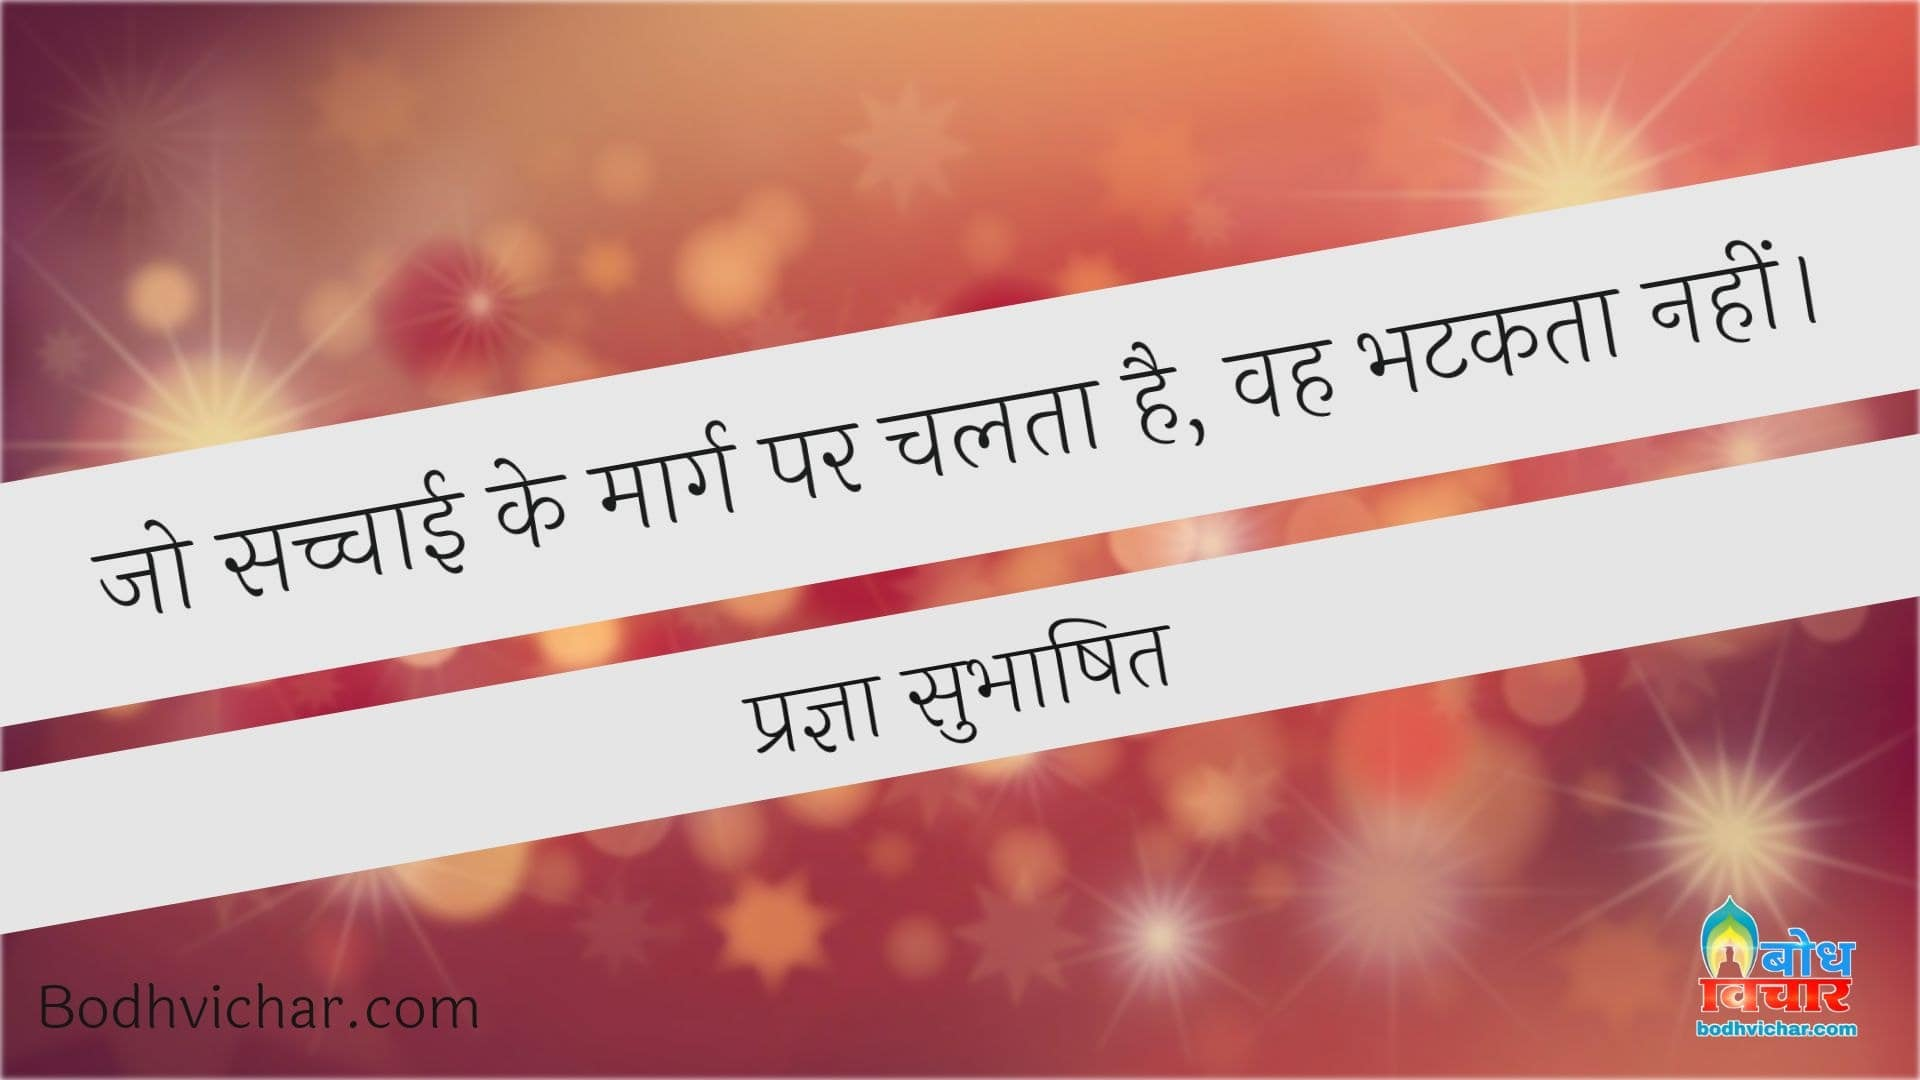 जो सच्चाई के मार्ग पर चलता है, वह भटकता नहीं। : Jo sachchai ke marg par chalta hai, vah bhatakta nahi - प्रज्ञा सुभाषित